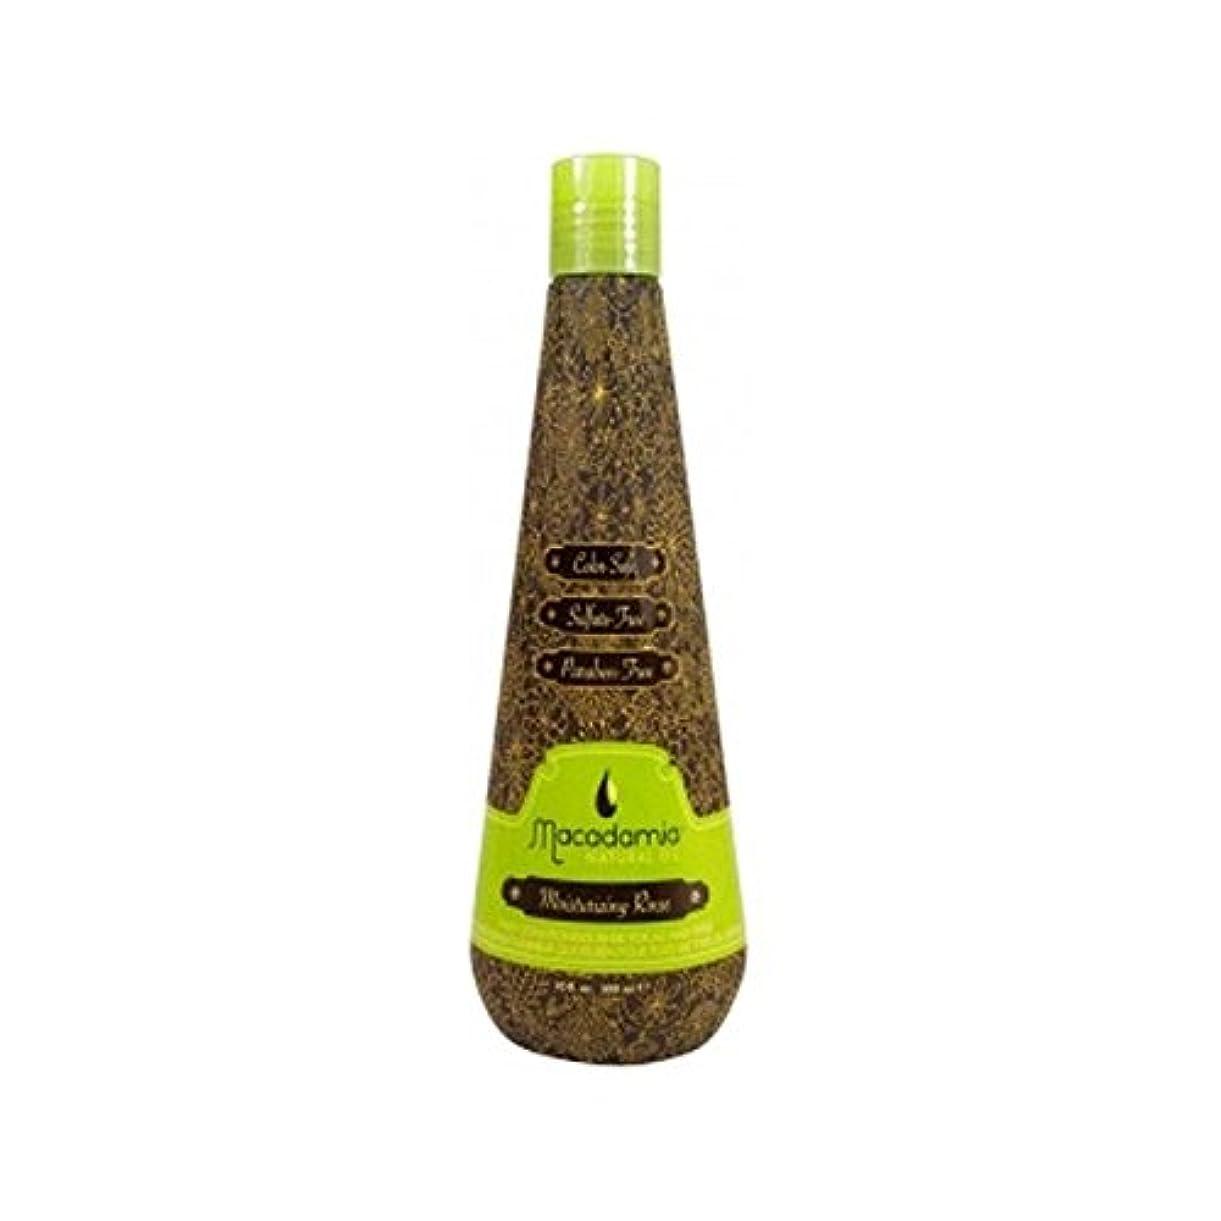 オークハンサム吸収剤マカダミア保湿リンス(300ミリリットル) x2 - Macadamia Moisturising Rinse (300ml) (Pack of 2) [並行輸入品]